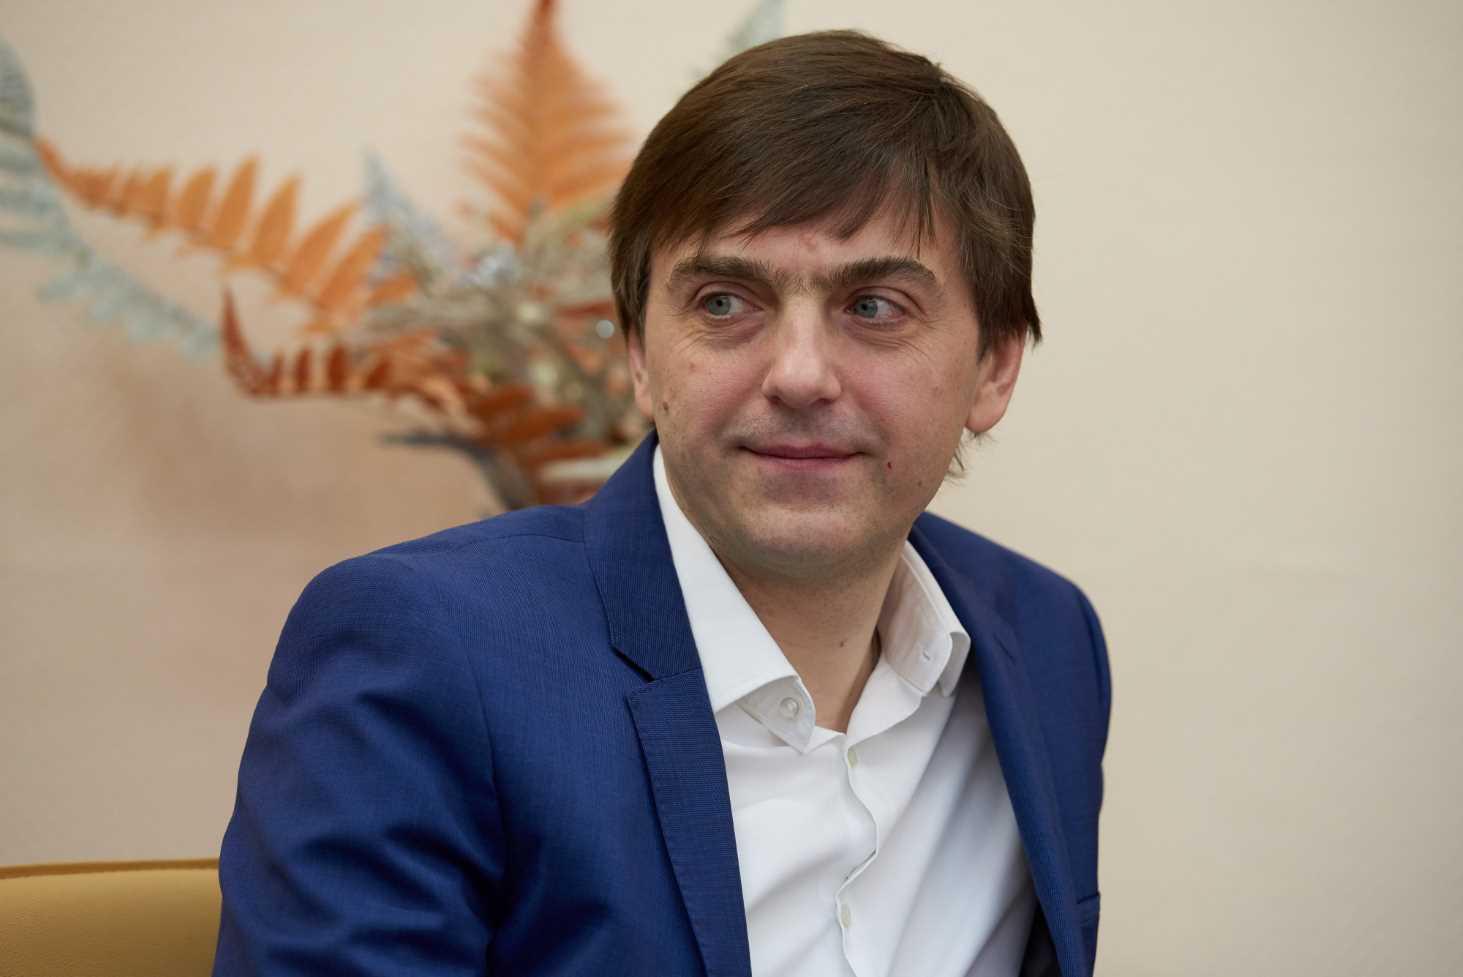 sergej-kravtsov-vazhno-chtoby-uchitelya-poluchali-dostojnuyu-zarabotnuyu-platu